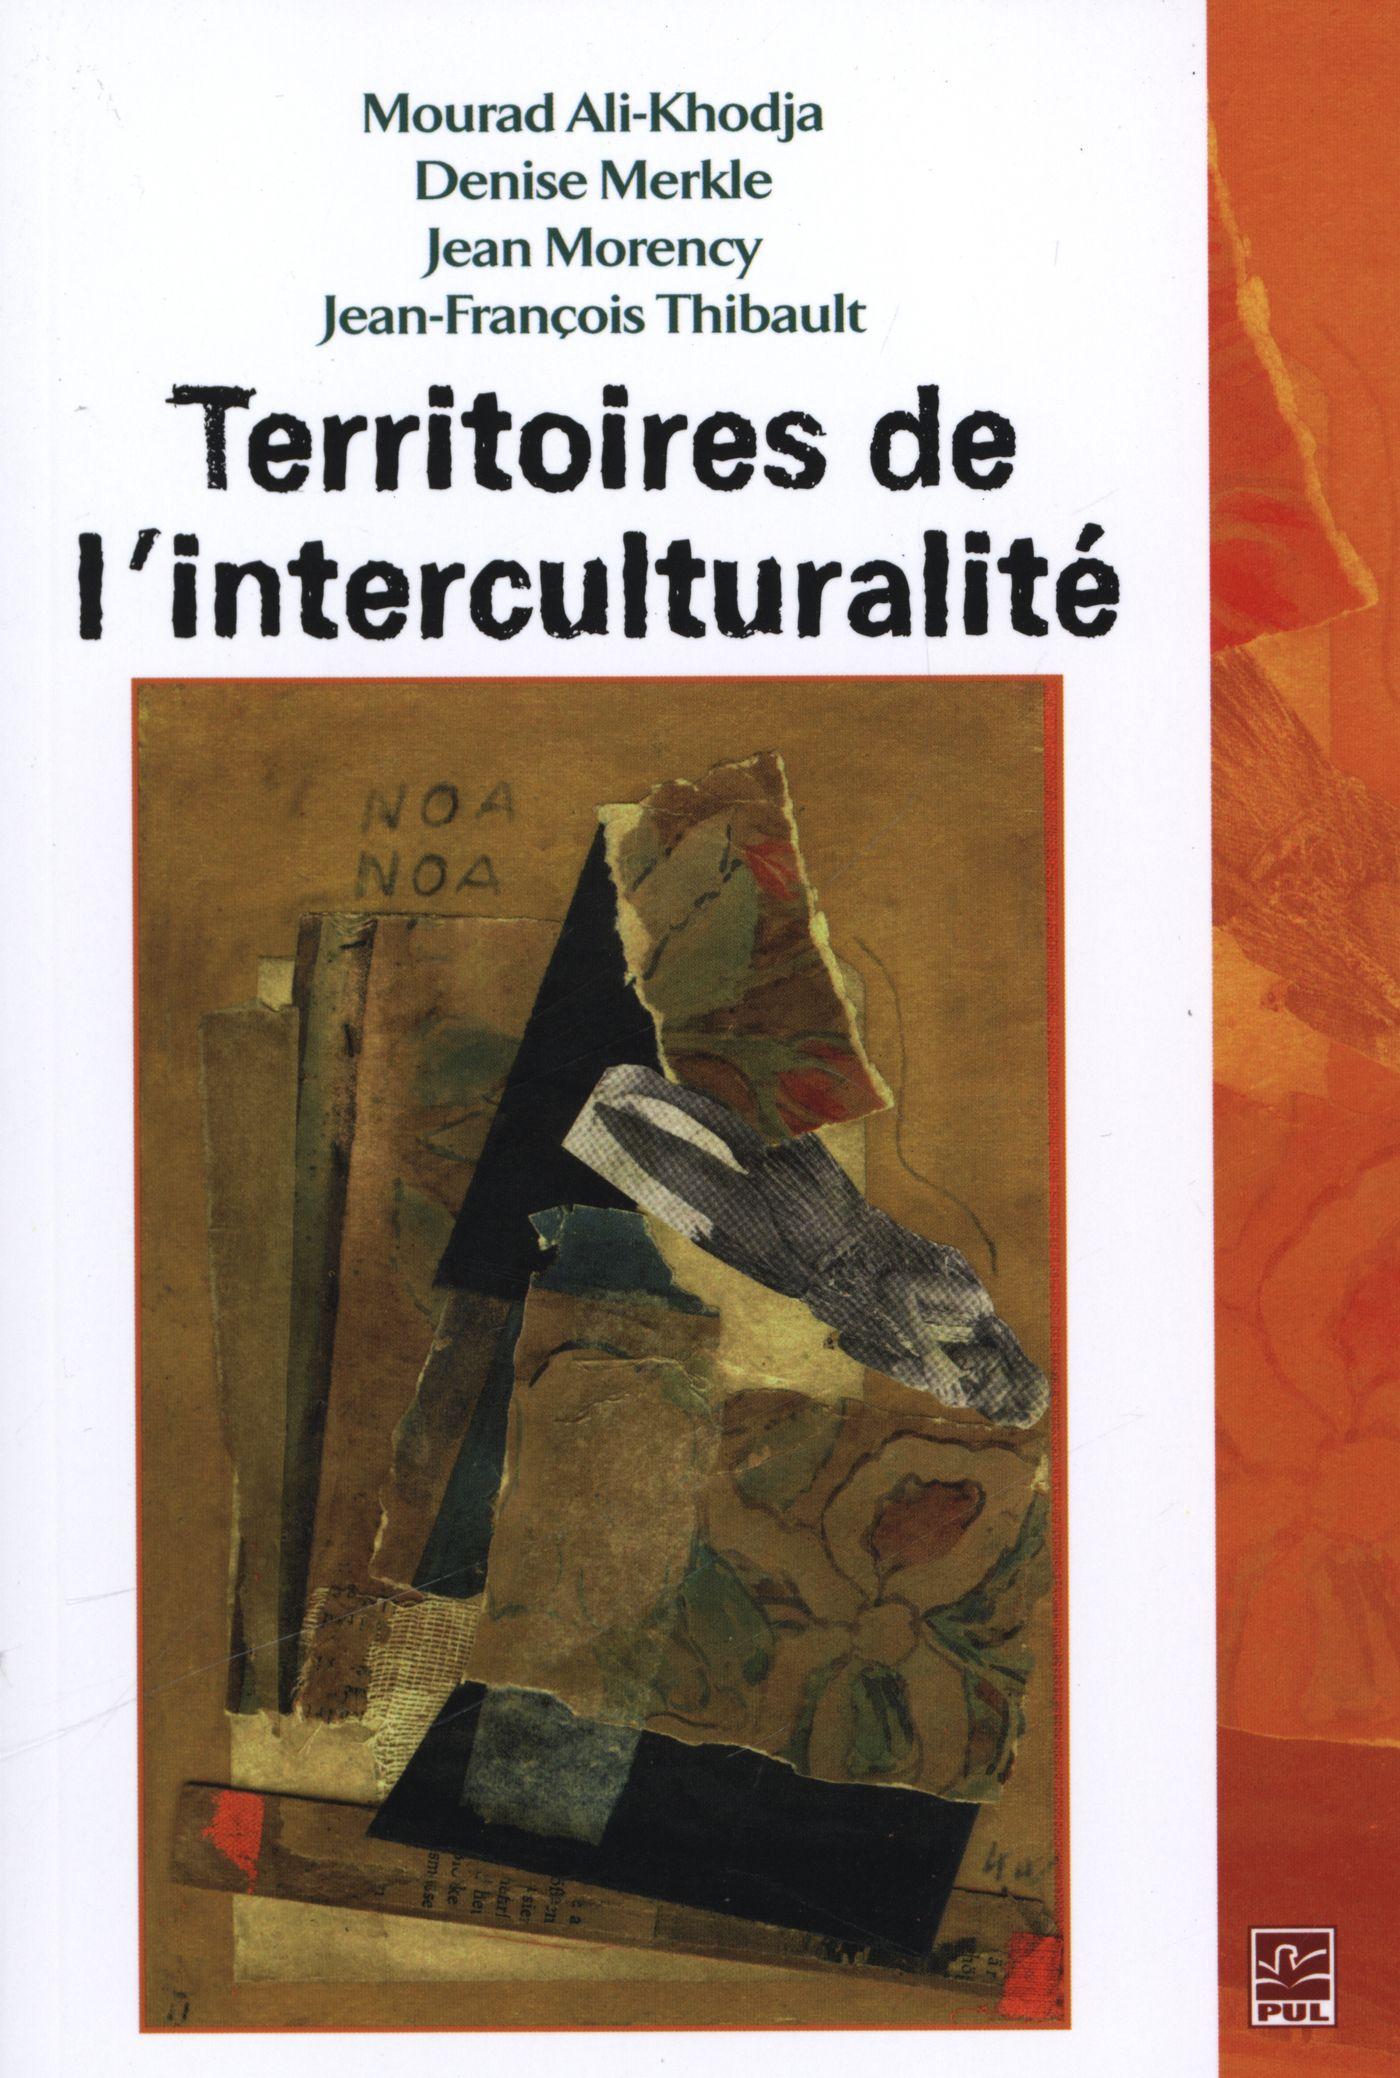 Territoires de l'interculturalité